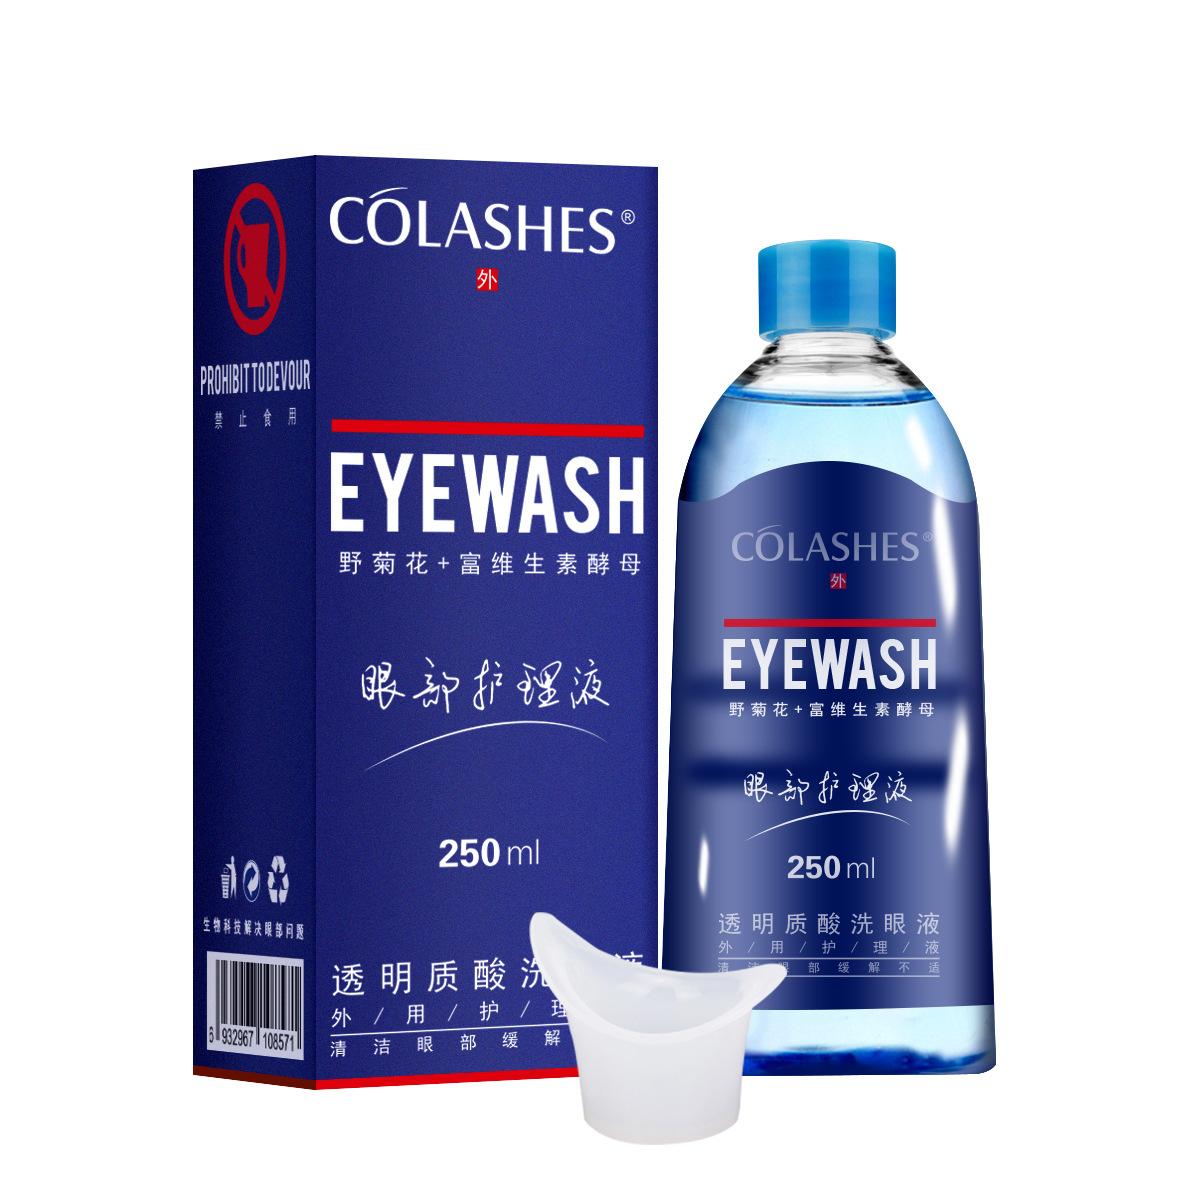 Colashes洗眼液眼部清洁亮眼明目眼部护理液250ml眼镜实体店